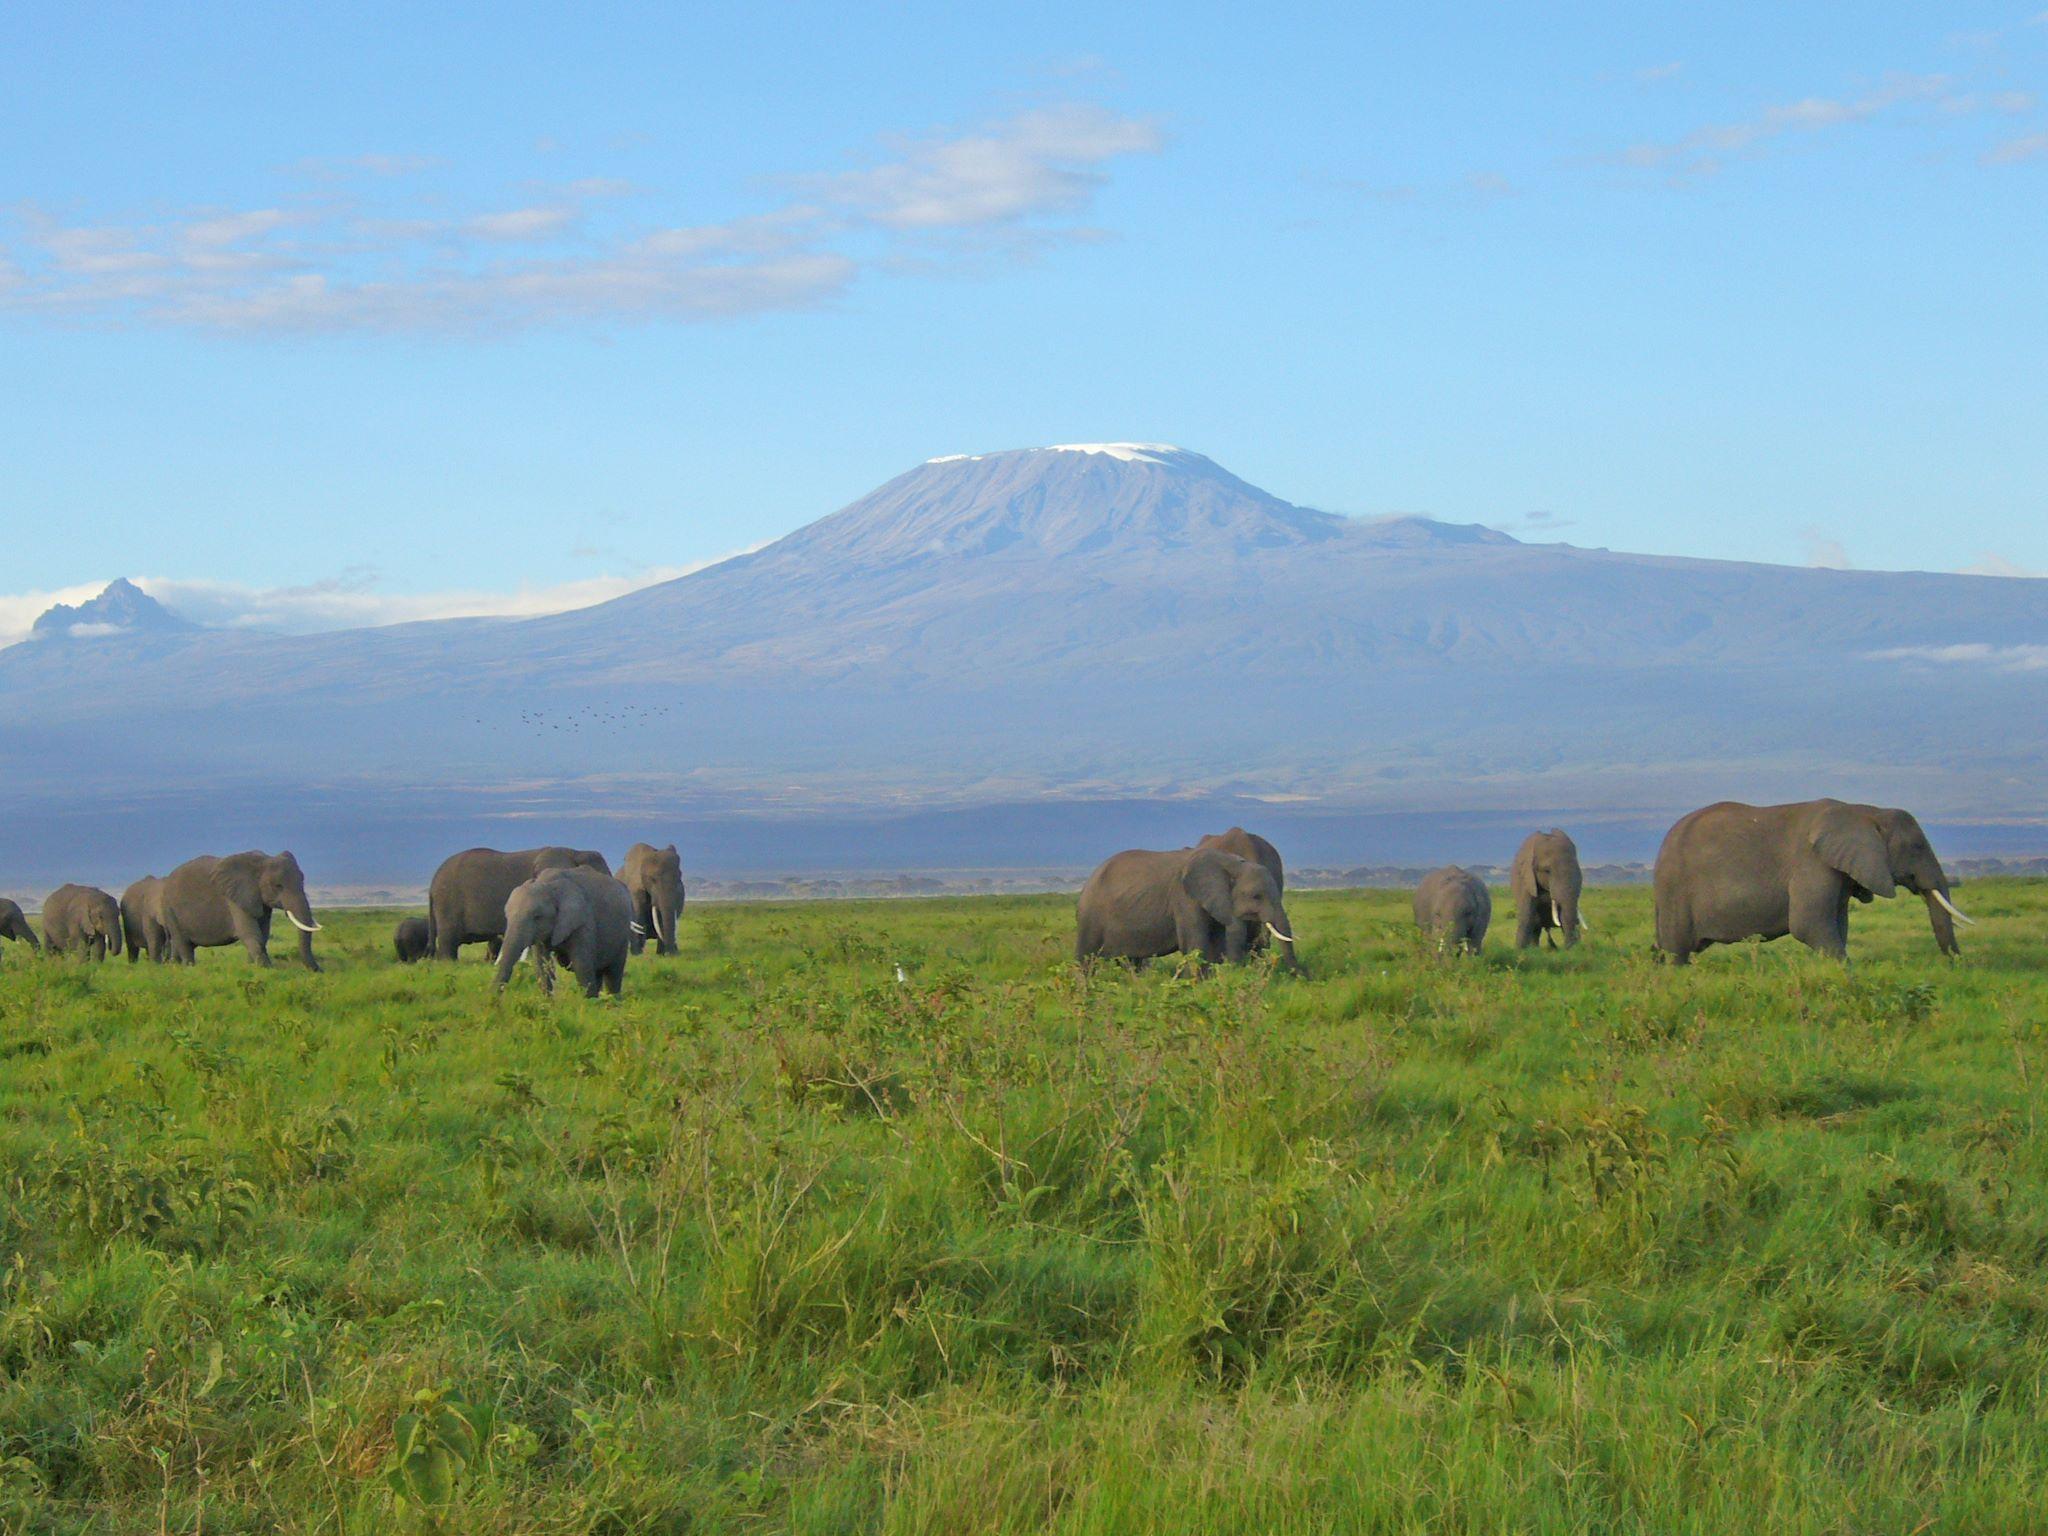 アフリカの大地を感じに、キリマンジャロに登ってみよう!